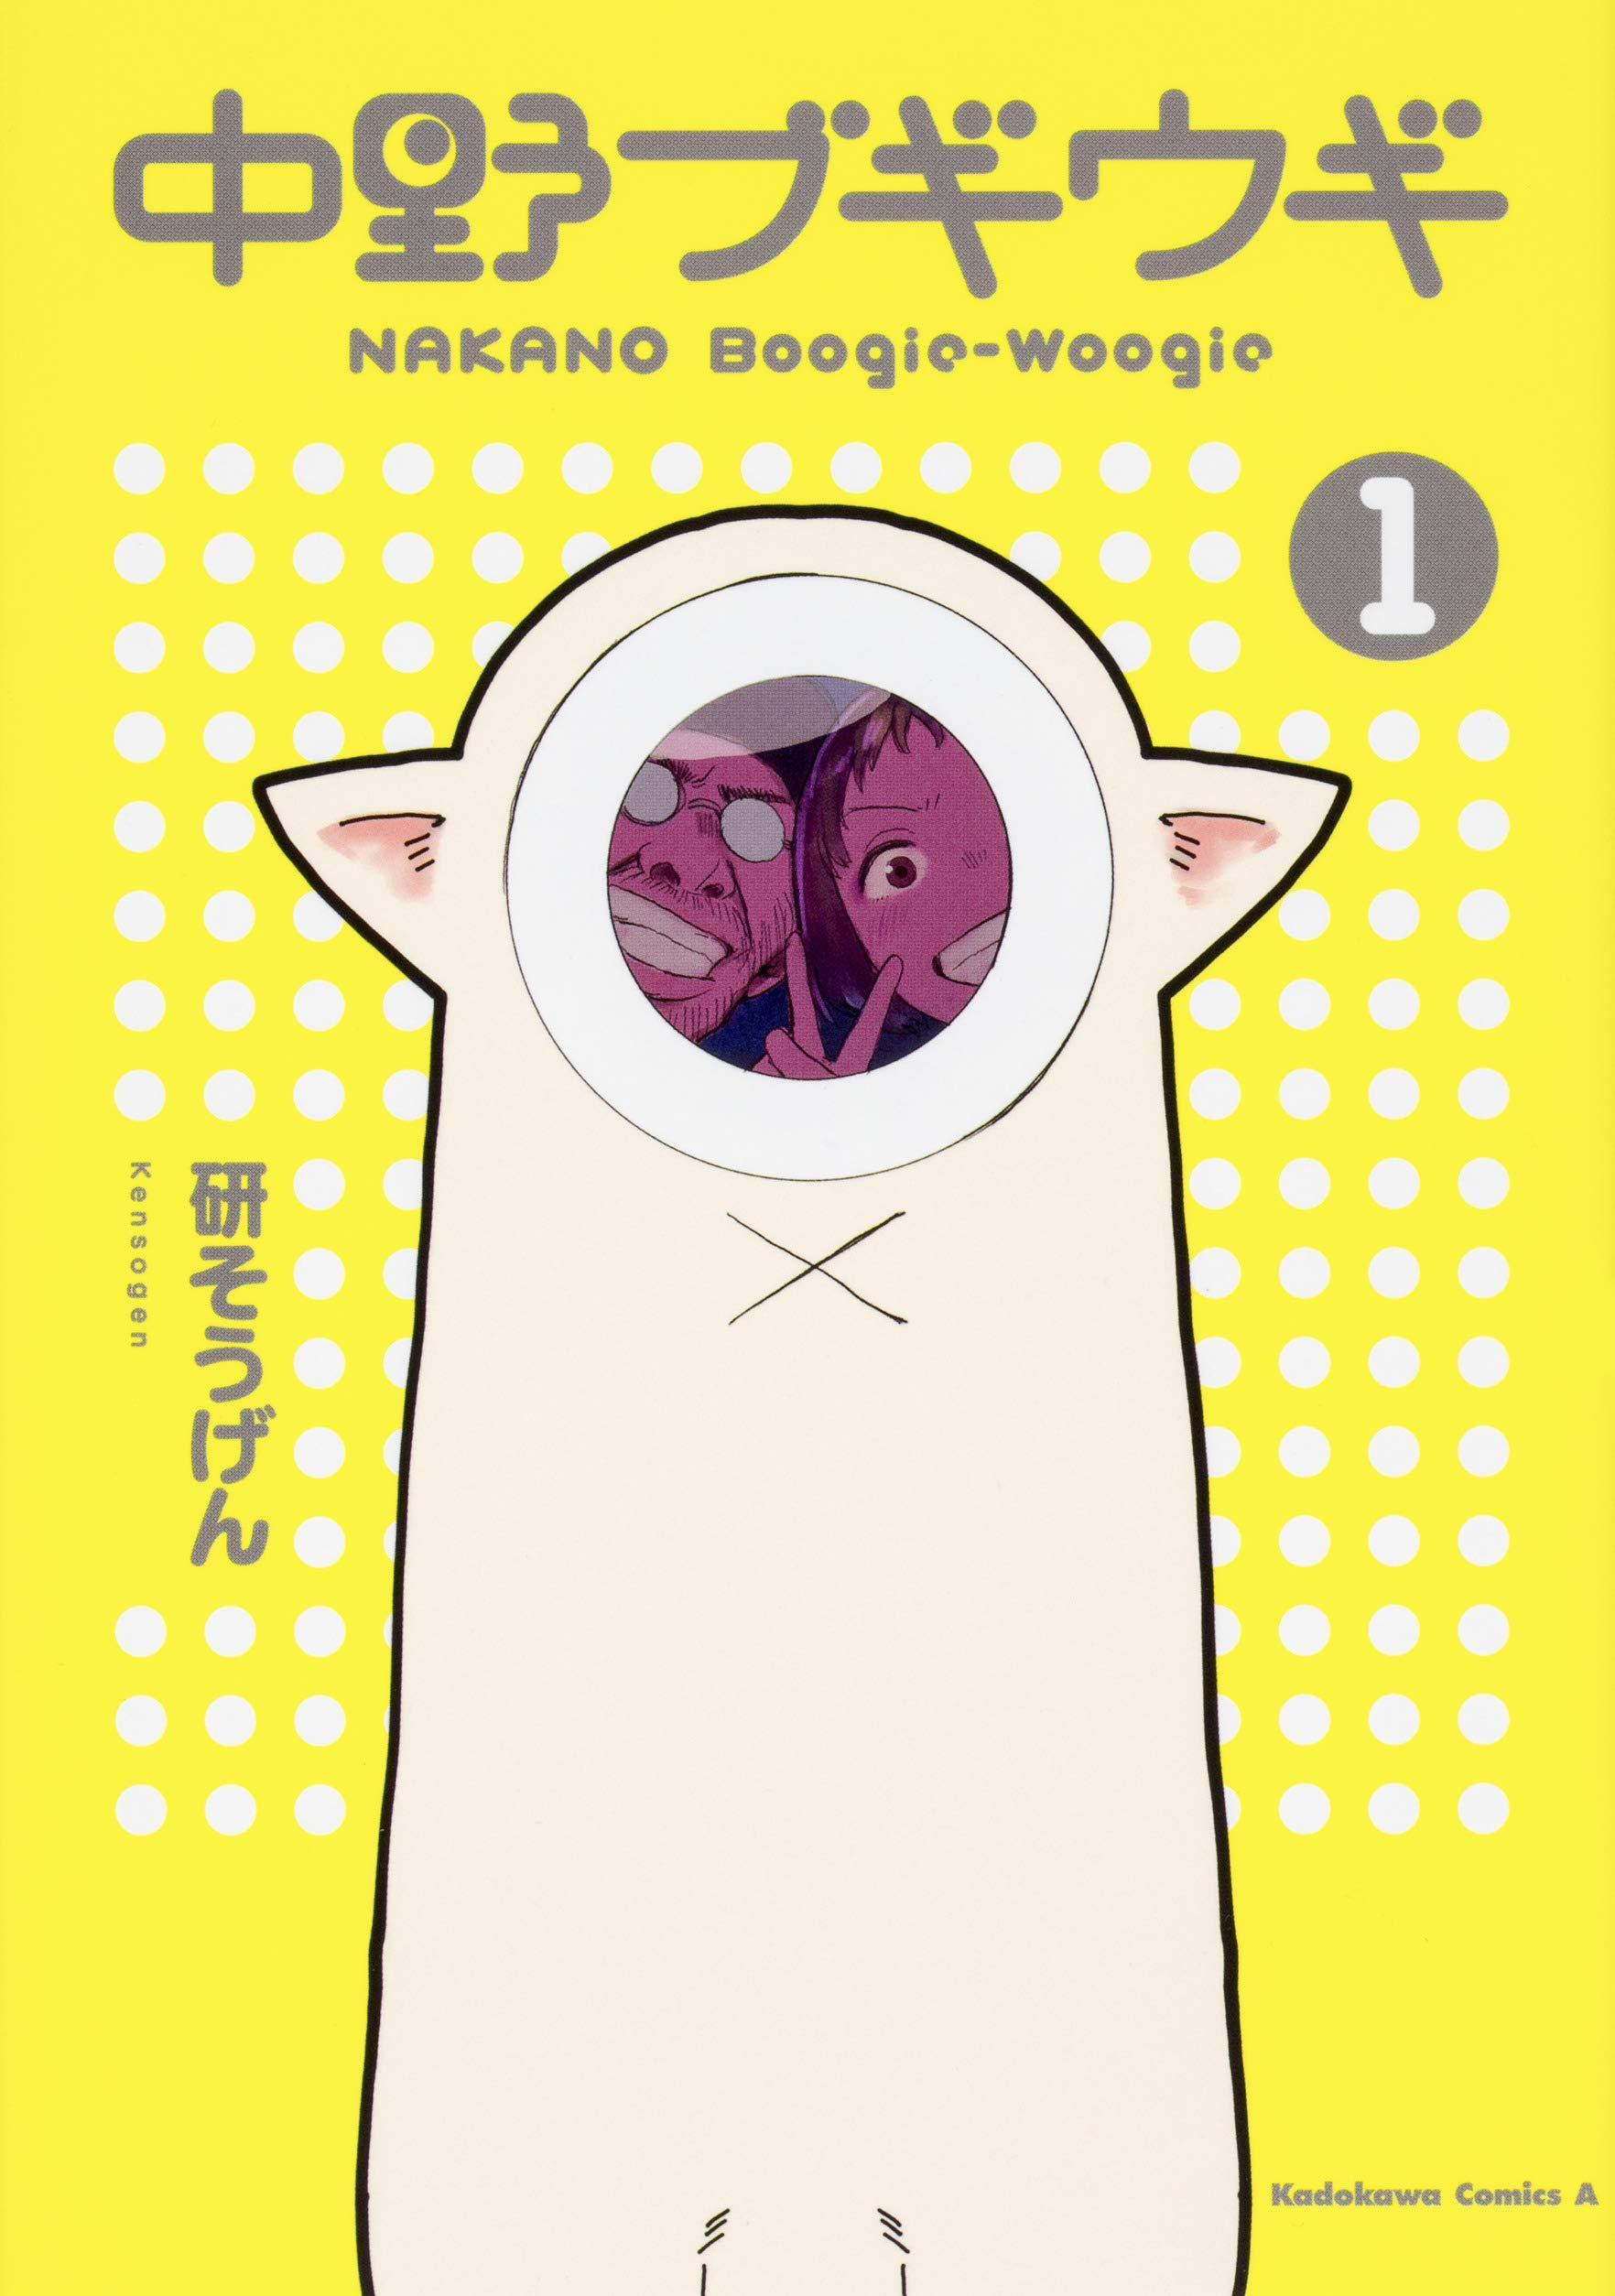 Nakano Boogie-Woogie 1